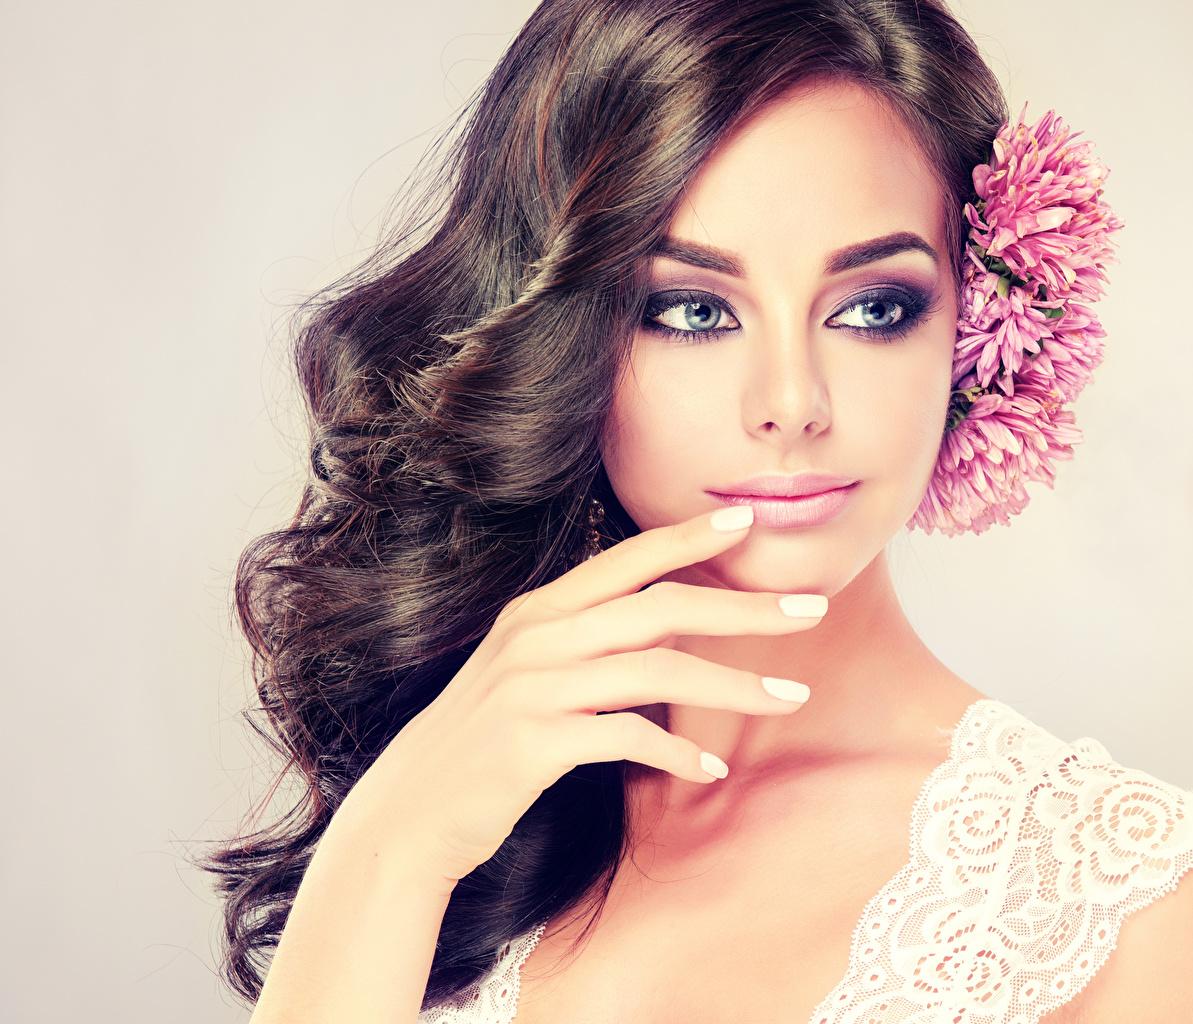 Bilder von Brünette Make Up Haar Gesicht Mädchens Hand Blick Farbigen hintergrund Schminke junge frau junge Frauen Starren